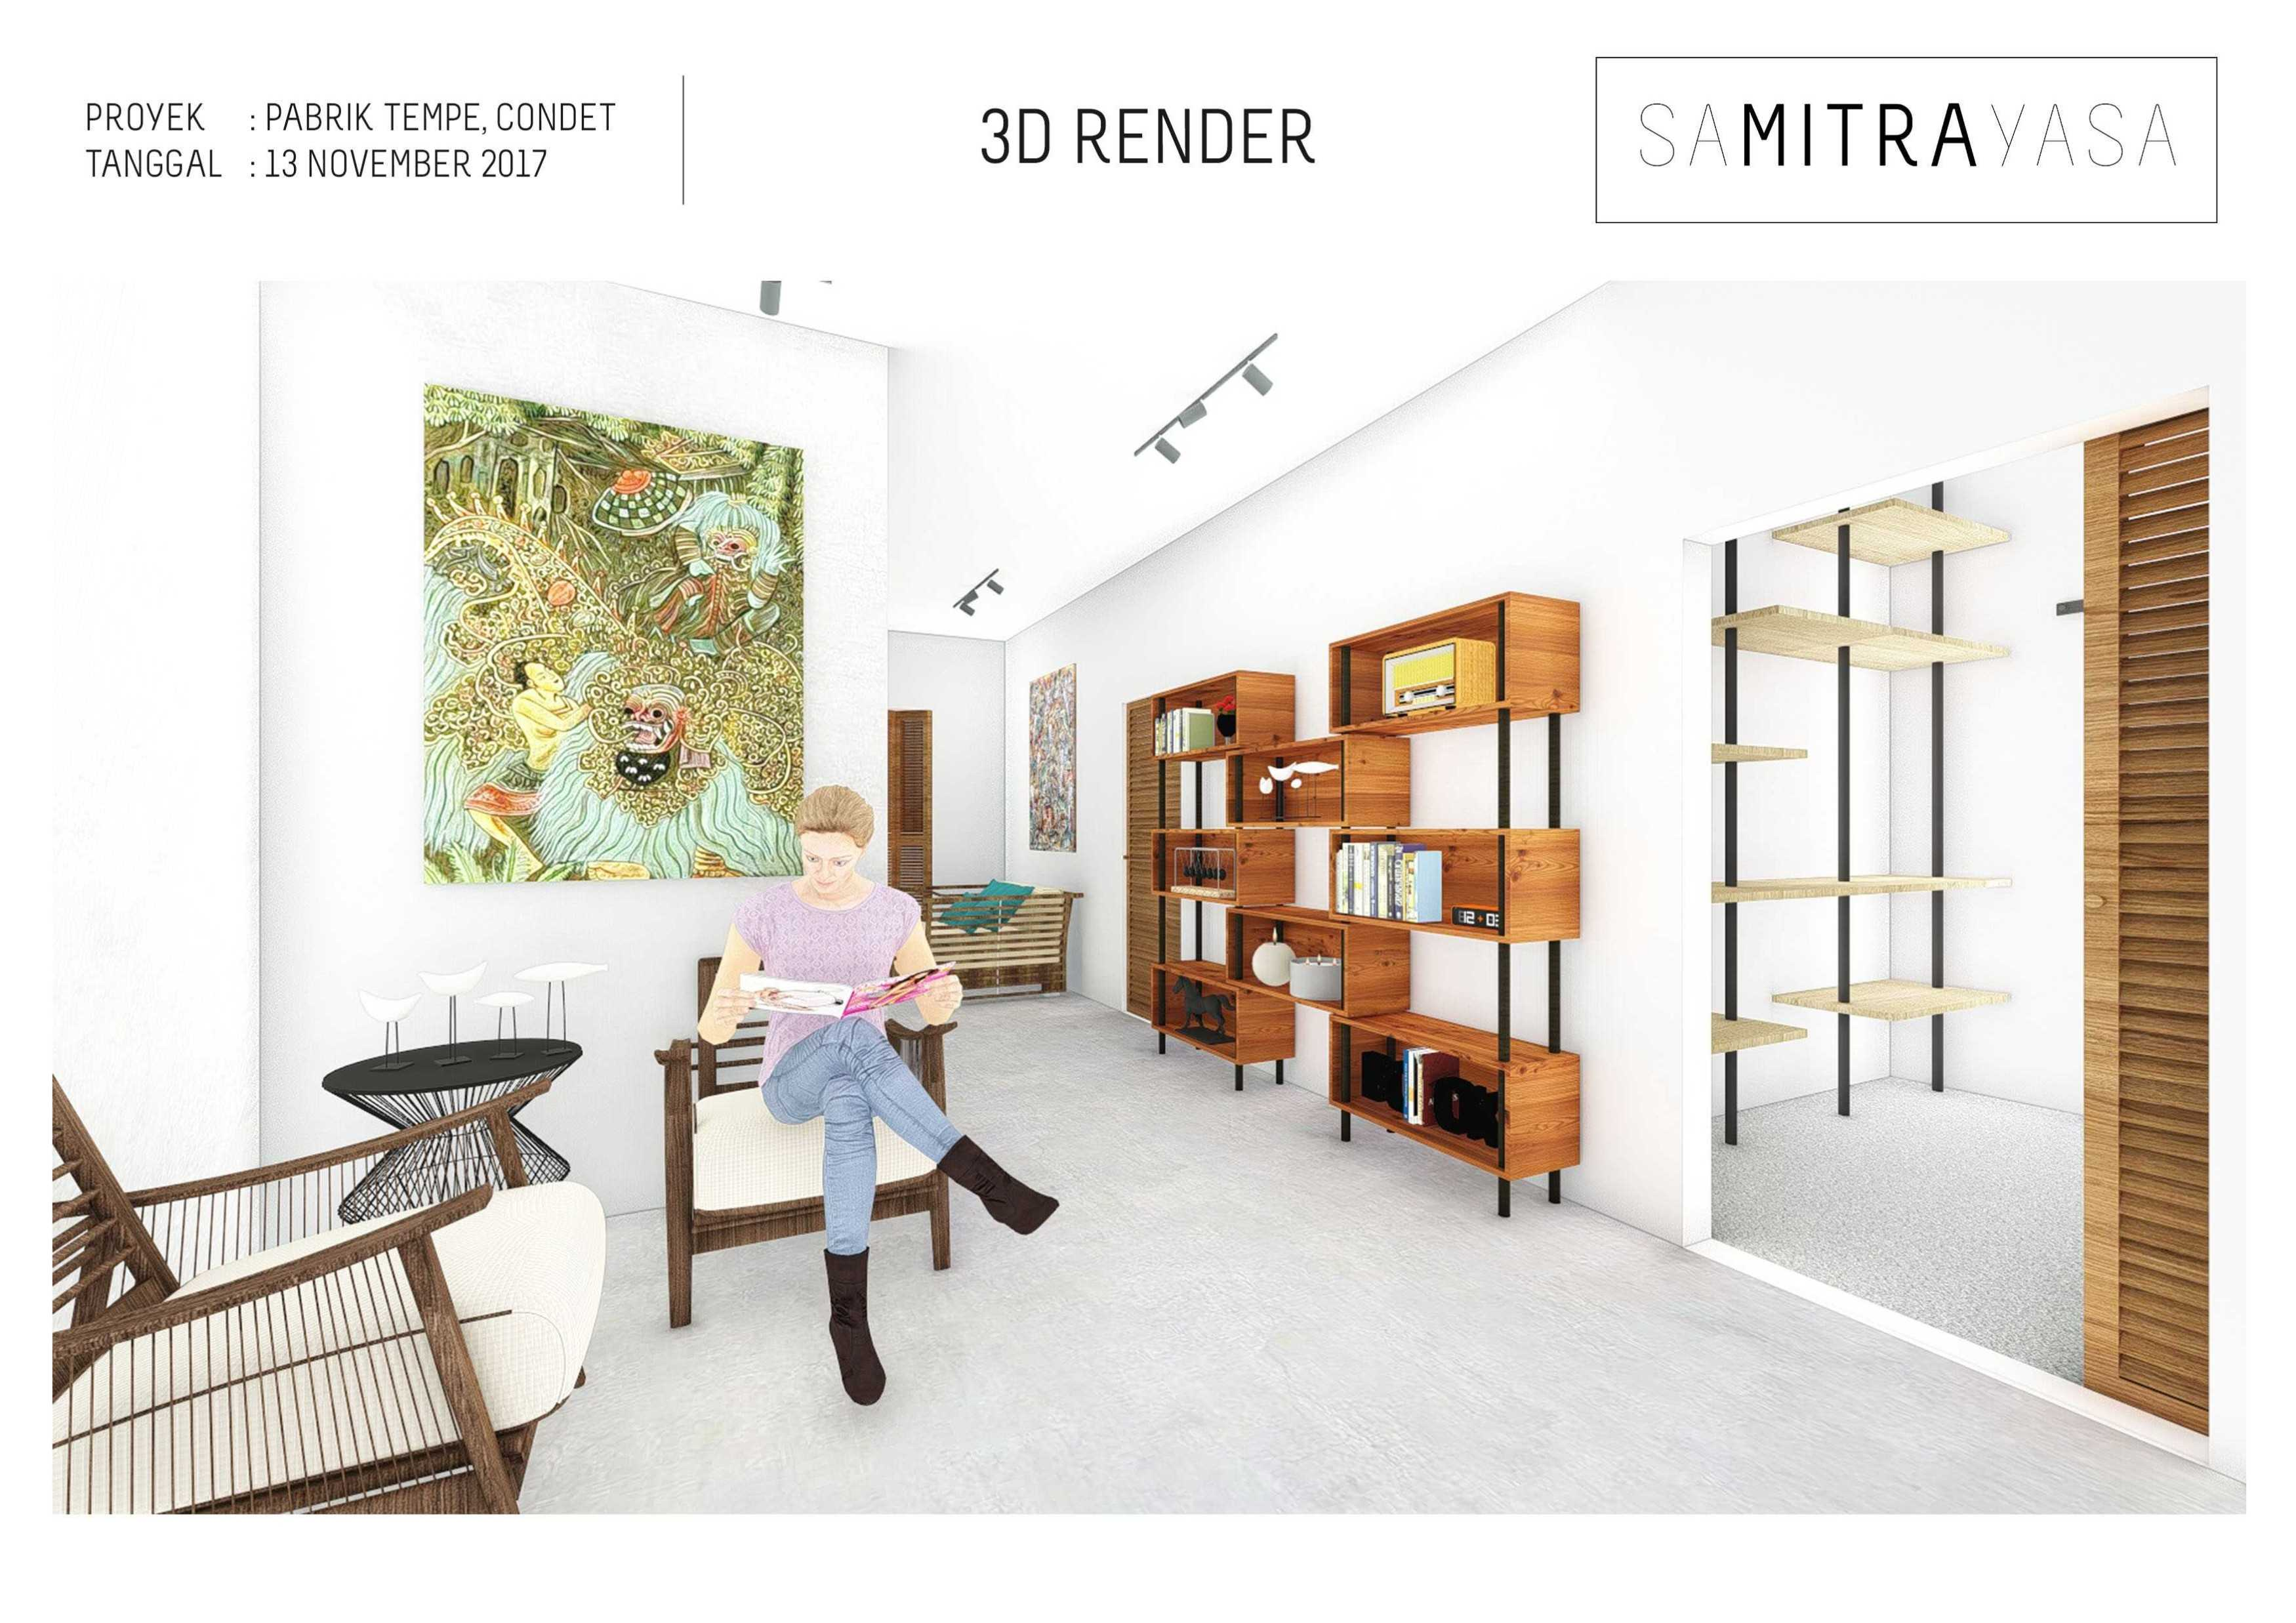 Samitrayasa Design Pabrik Tempe Depok, Kota Depok, Jawa Barat, Indonesia Depok, Kota Depok, Jawa Barat, Indonesia Samitrayasa-Design-Pabrik-Tempe   60834